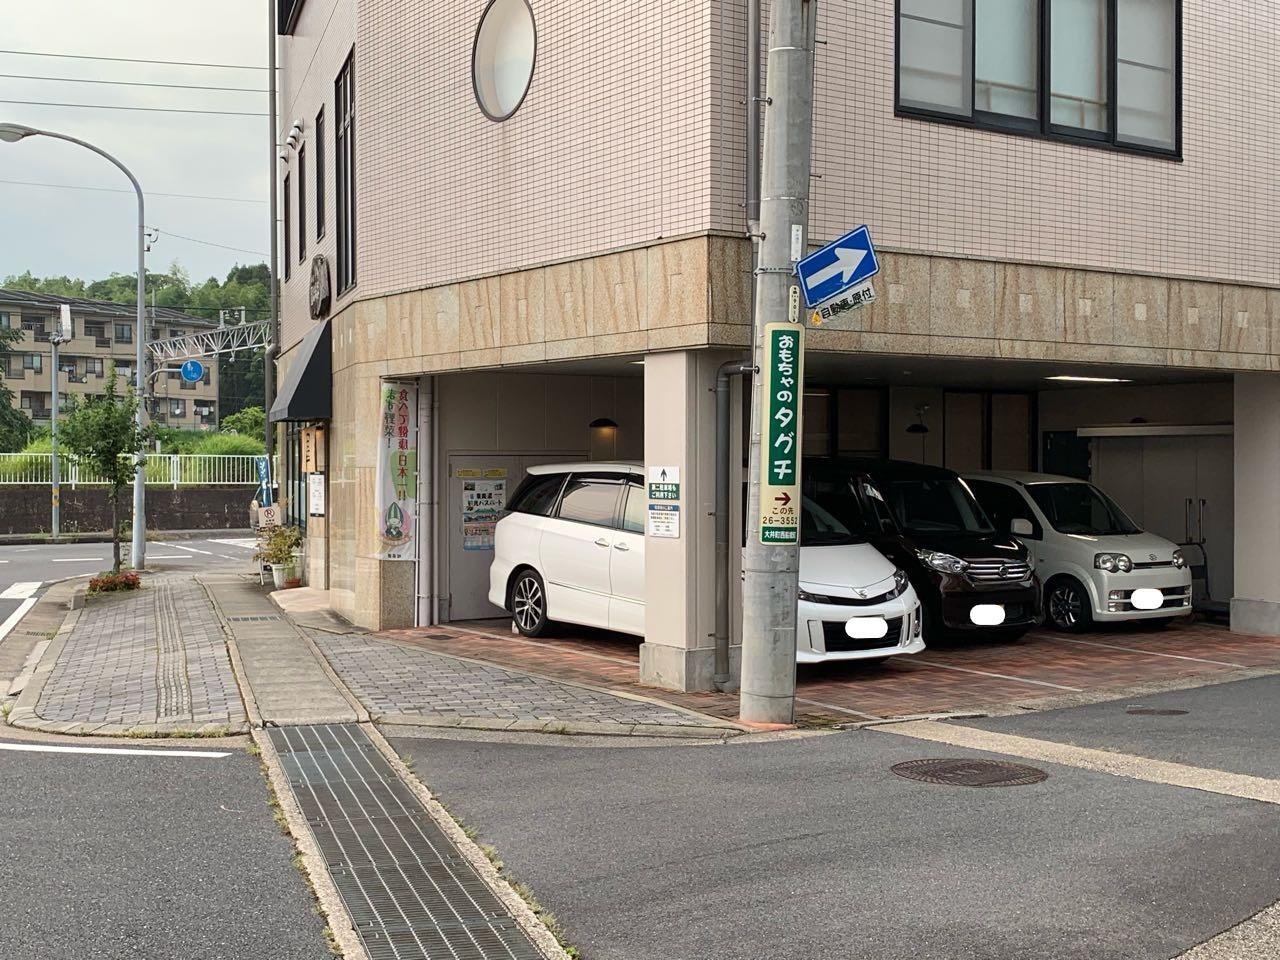 恵那 駅前 和洋亭 ますき 駐車場